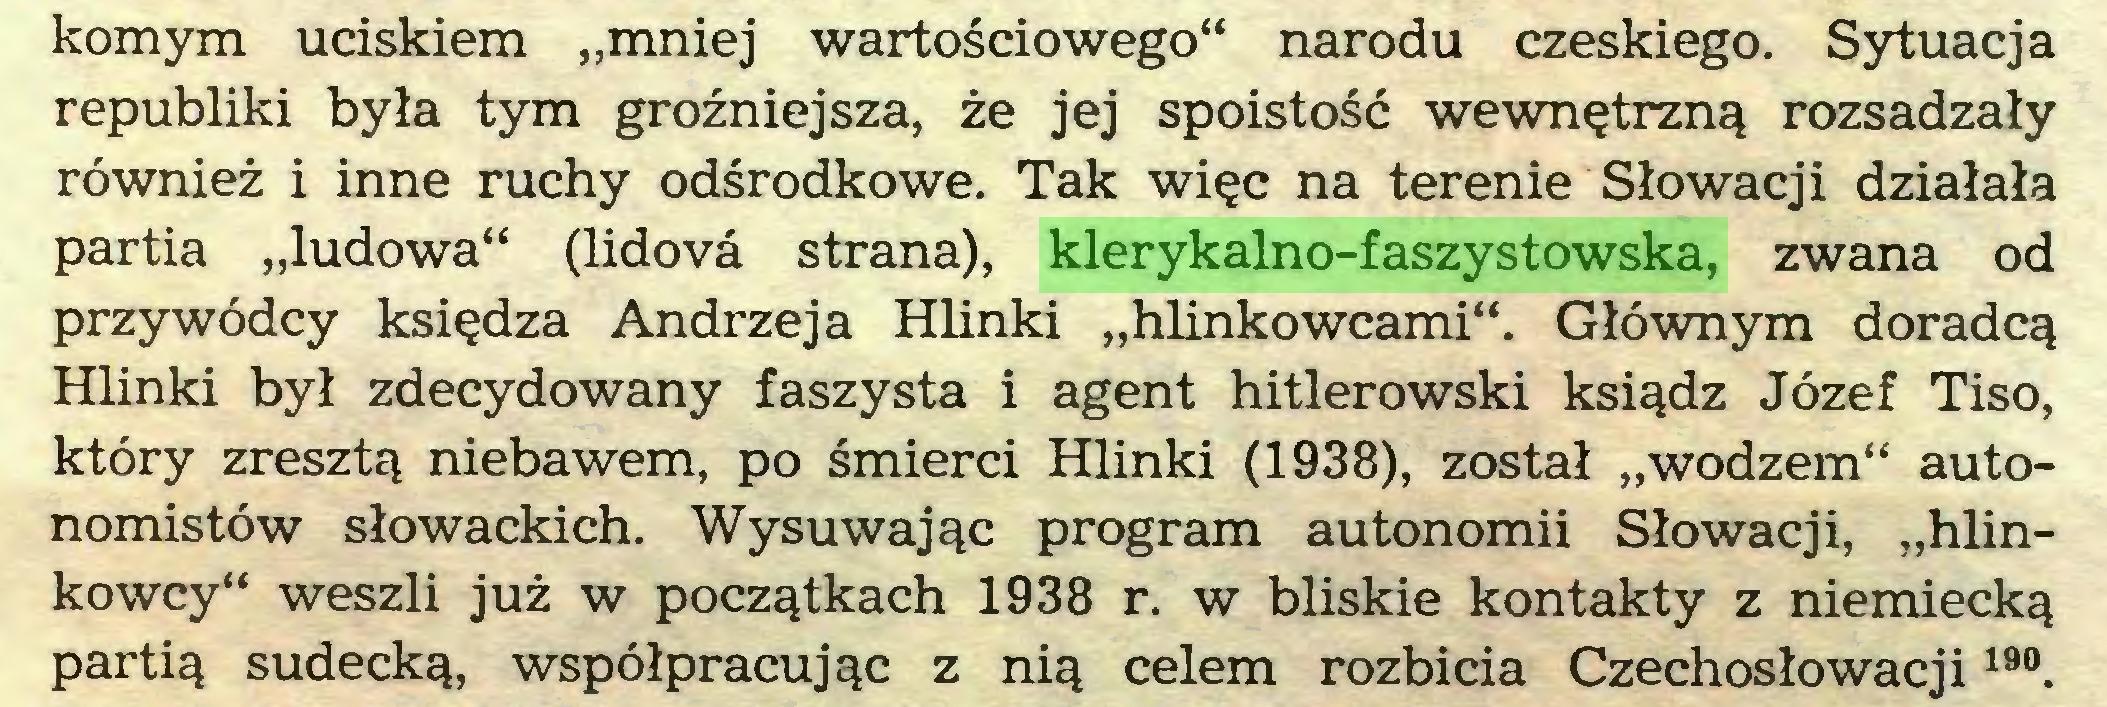 """(...) komym uciskiem """"mniej wartościowego"""" narodu czeskiego. Sytuacja republiki była tym groźniejsza, że jej spoistość wewnętrzną rozsadzały również i inne ruchy odśrodkowe. Tak więc na terenie Słowacji działała partia """"ludowa"""" (lidovd strana), klerykalno-faszystowska, zwana od przywódcy księdza Andrzeja Hlinki """"hlinkowcami"""". Głównym doradcą Hlinki był zdecydowany faszysta i agent hitlerowski ksiądz Józef Tiso, który zresztą niebawem, po śmierci Hlinki (1938), został """"wodzem"""" autonomistów słowackich. Wysuwając program autonomii Słowacji, """"hlinkowcy"""" weszli już w początkach 1938 r. w bliskie kontakty z niemiecką partią sudecką, współpracując z nią celem rozbicia Czechosłowacji 19°..."""